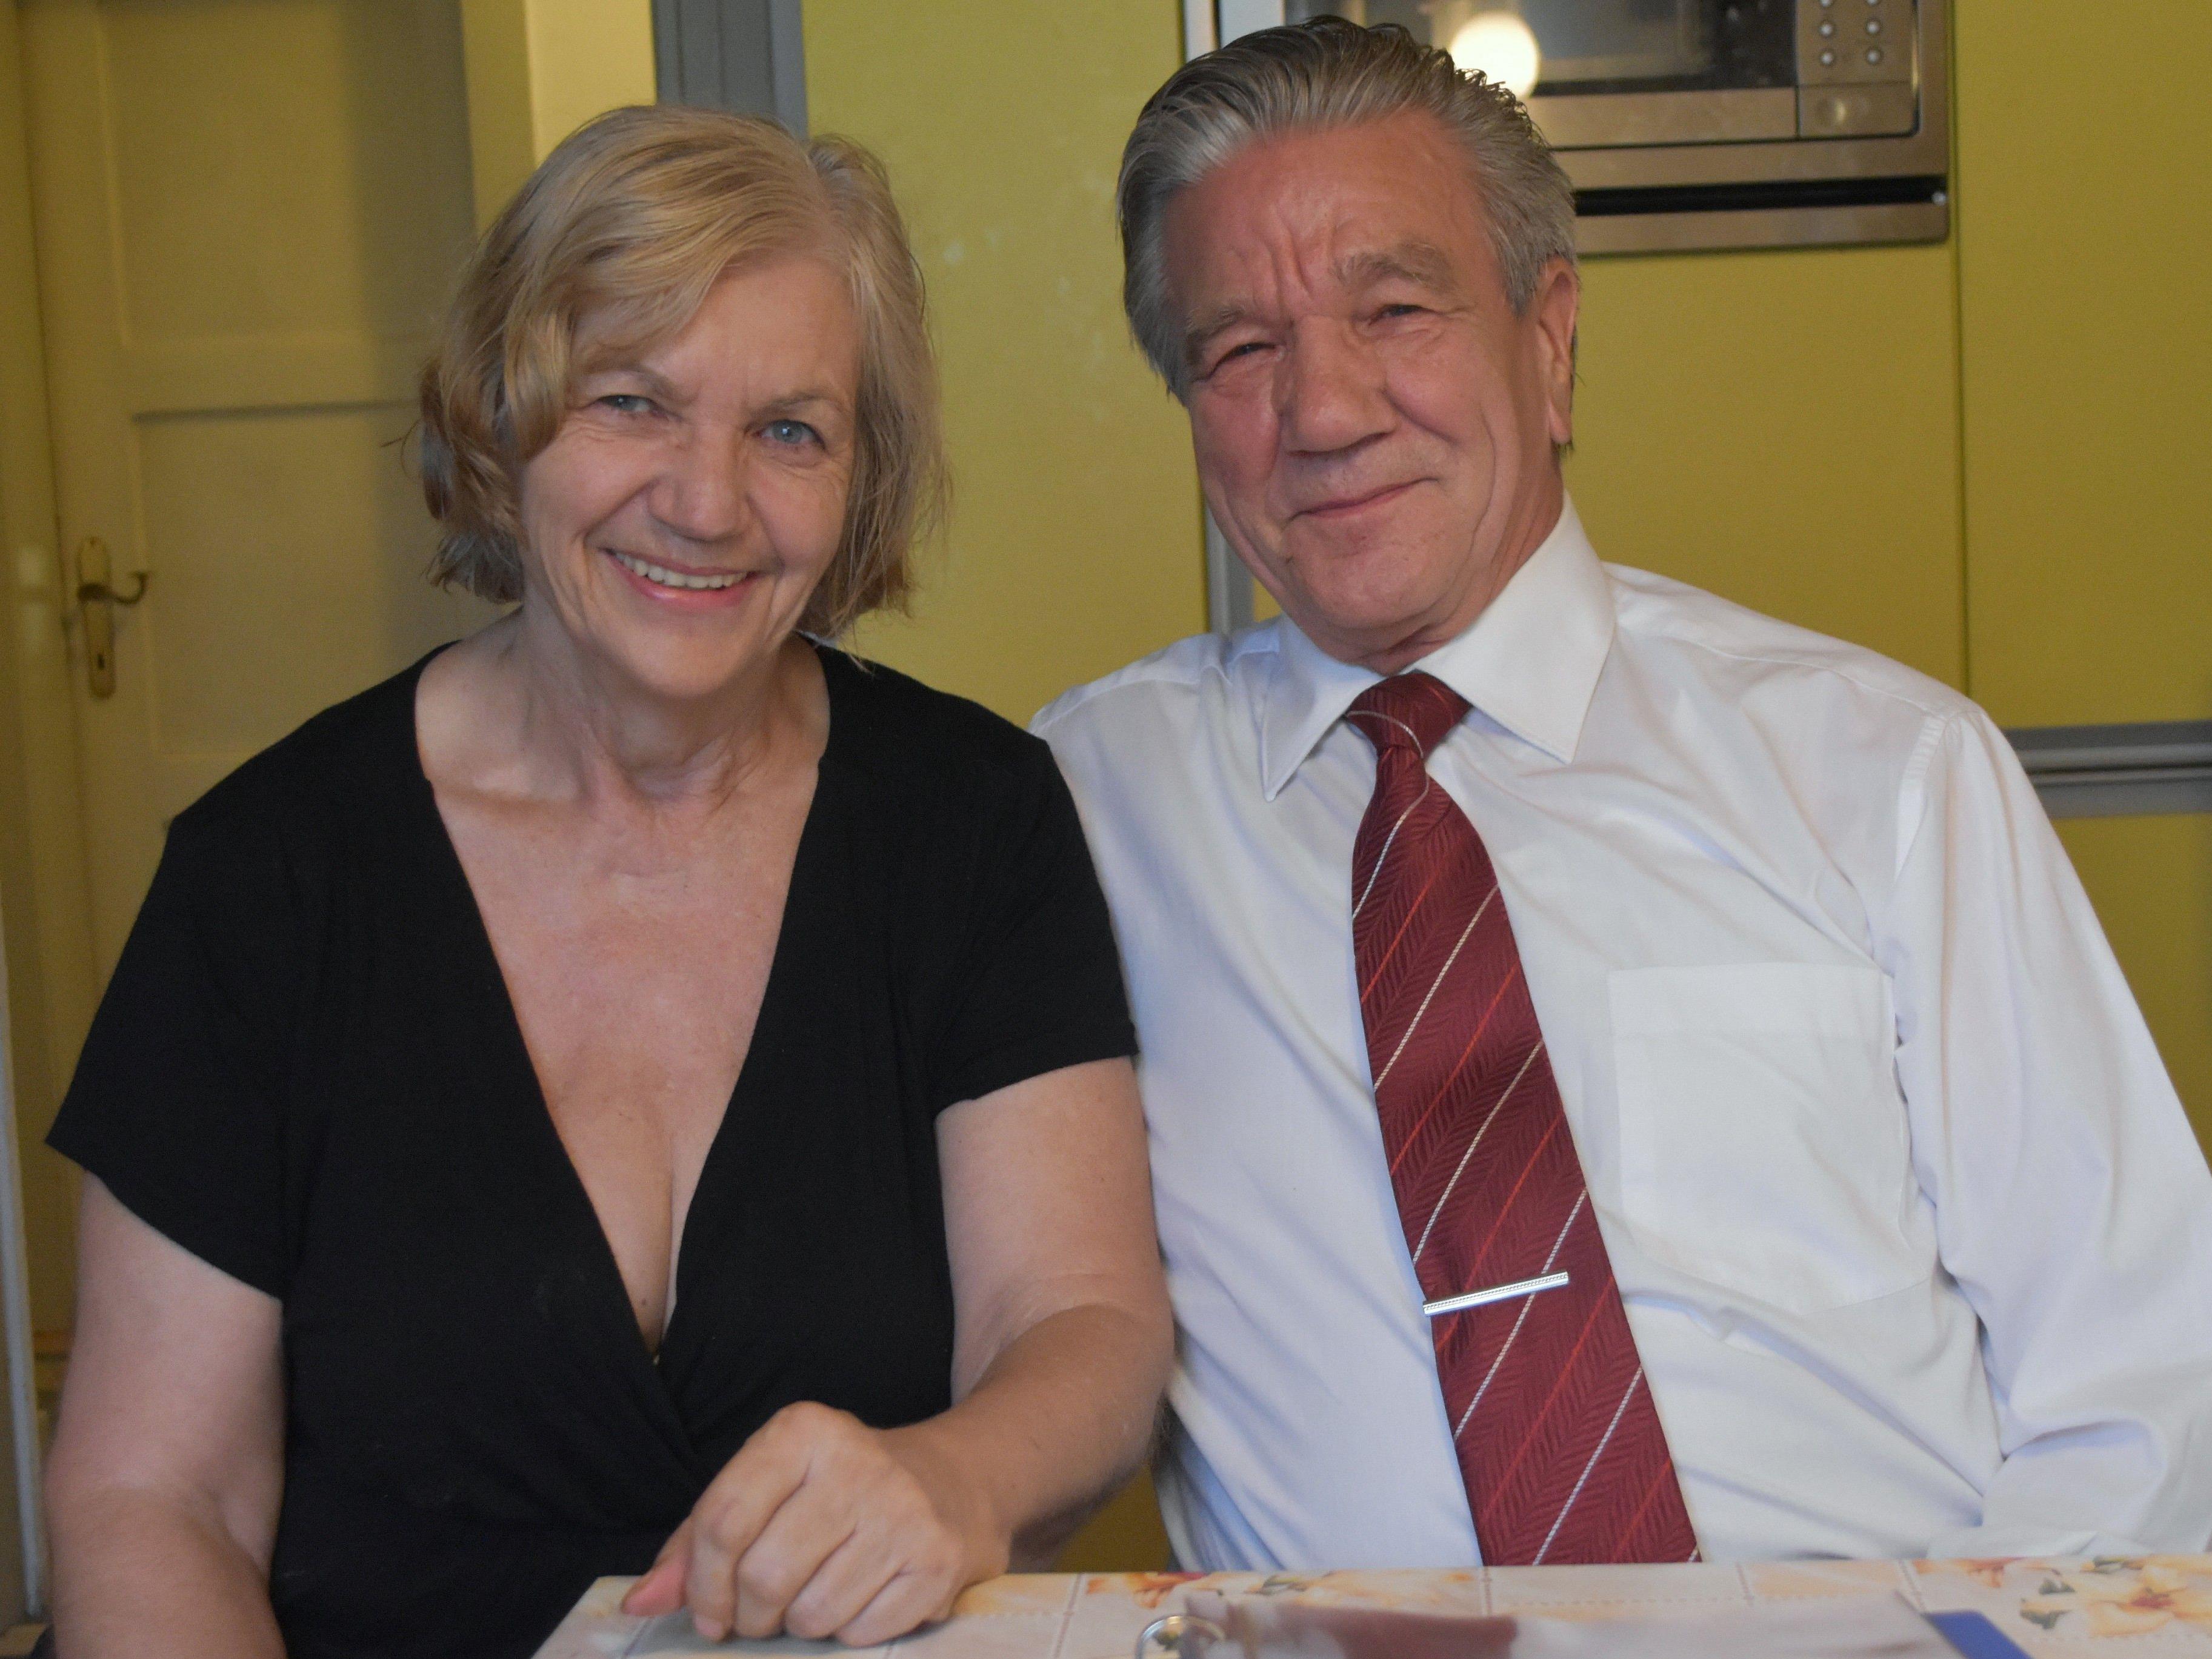 Luise Salchegger und  Sieghard Danler